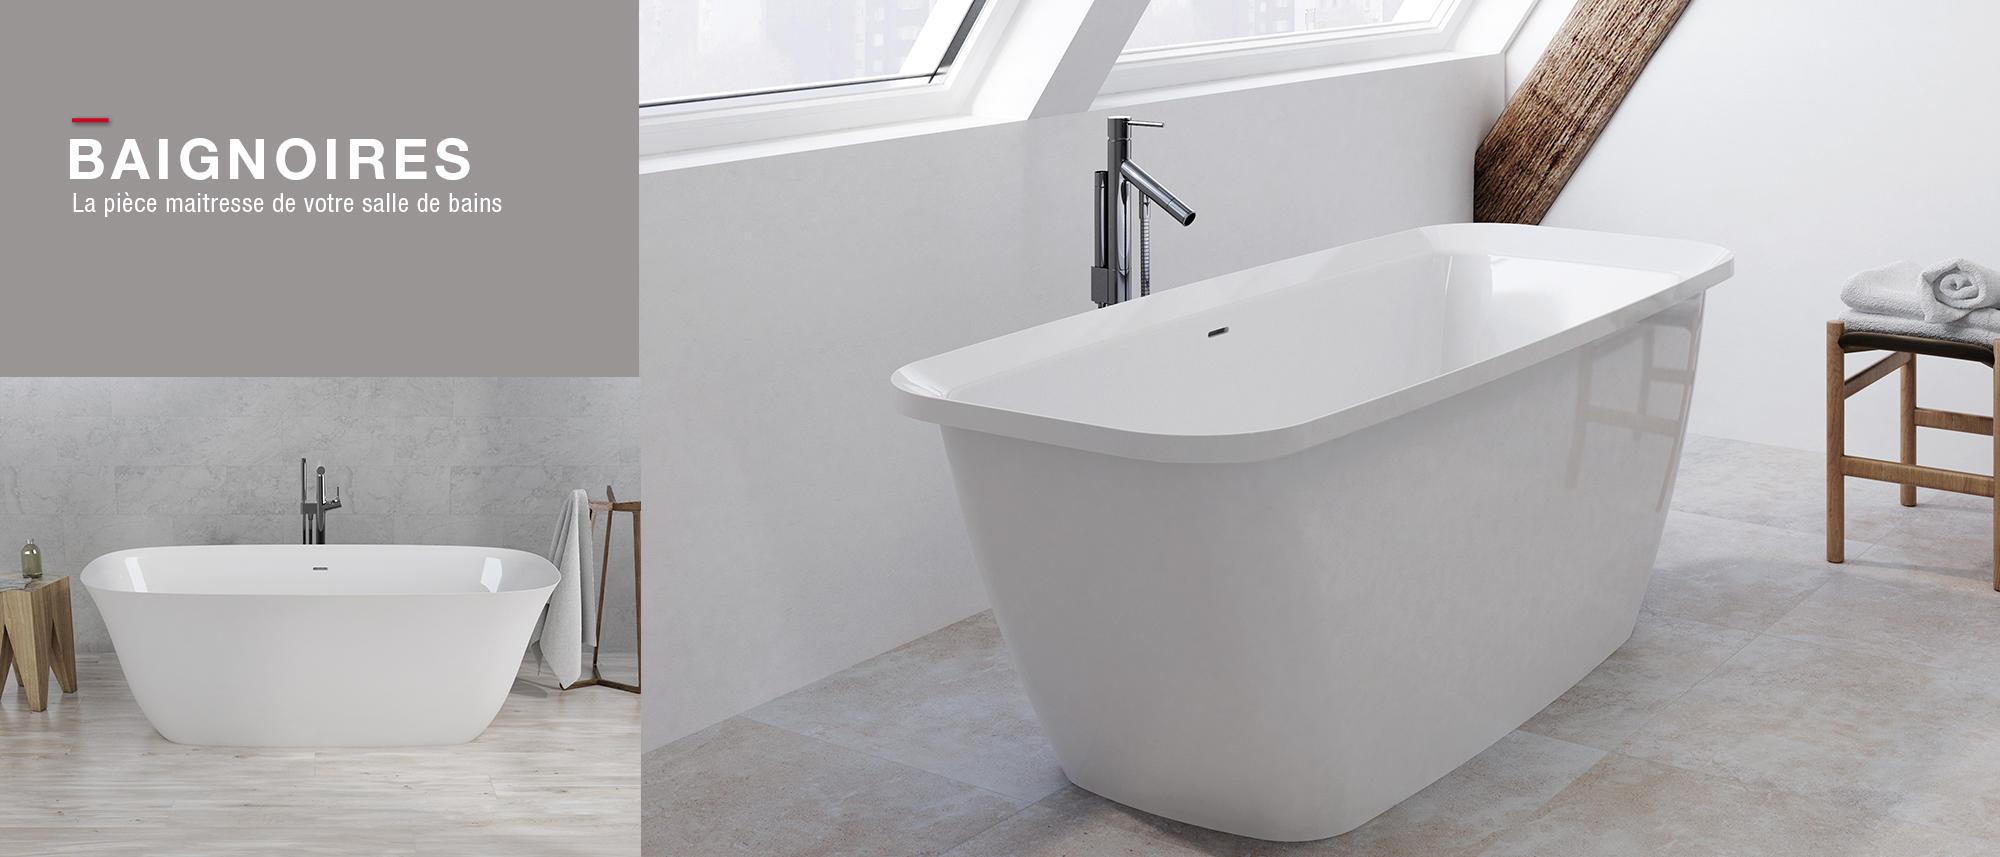 Baignoire îlot | Meubles de salle de bains, baignoires ...